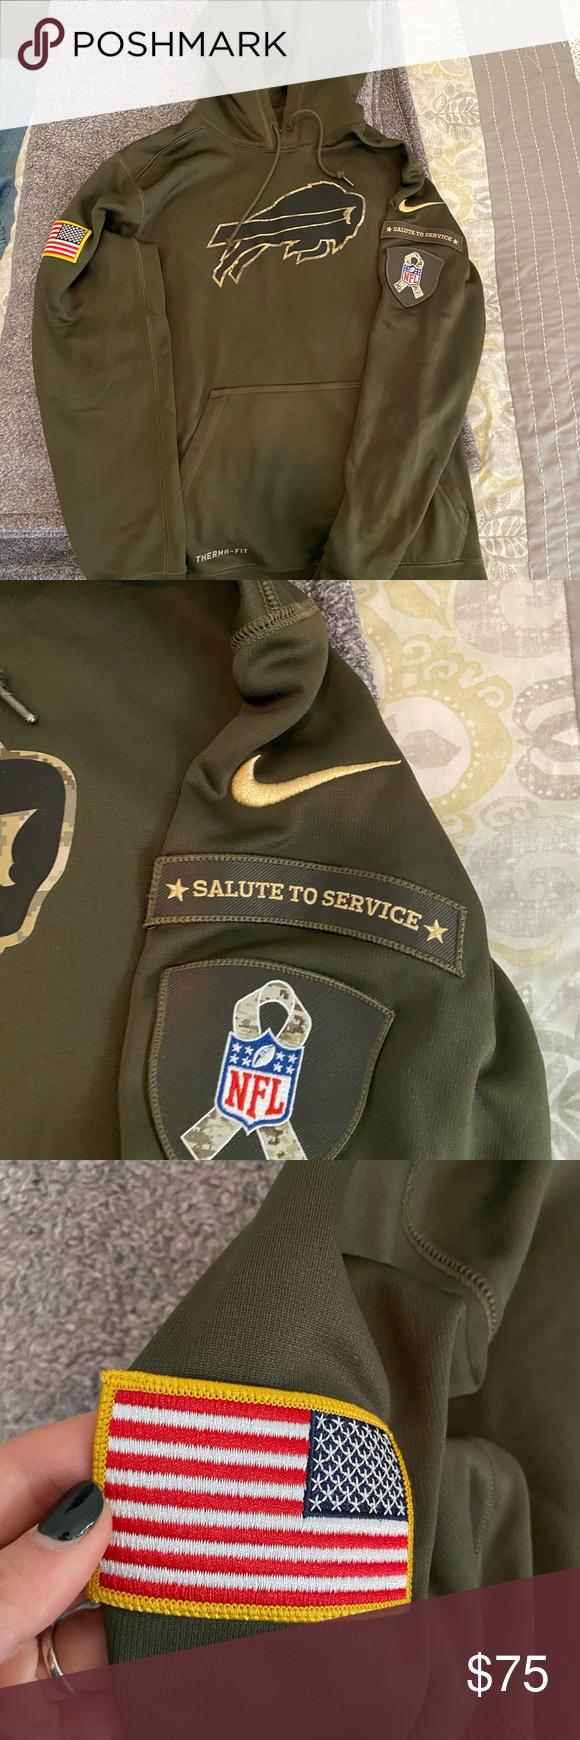 buffalo bills salute to service jersey